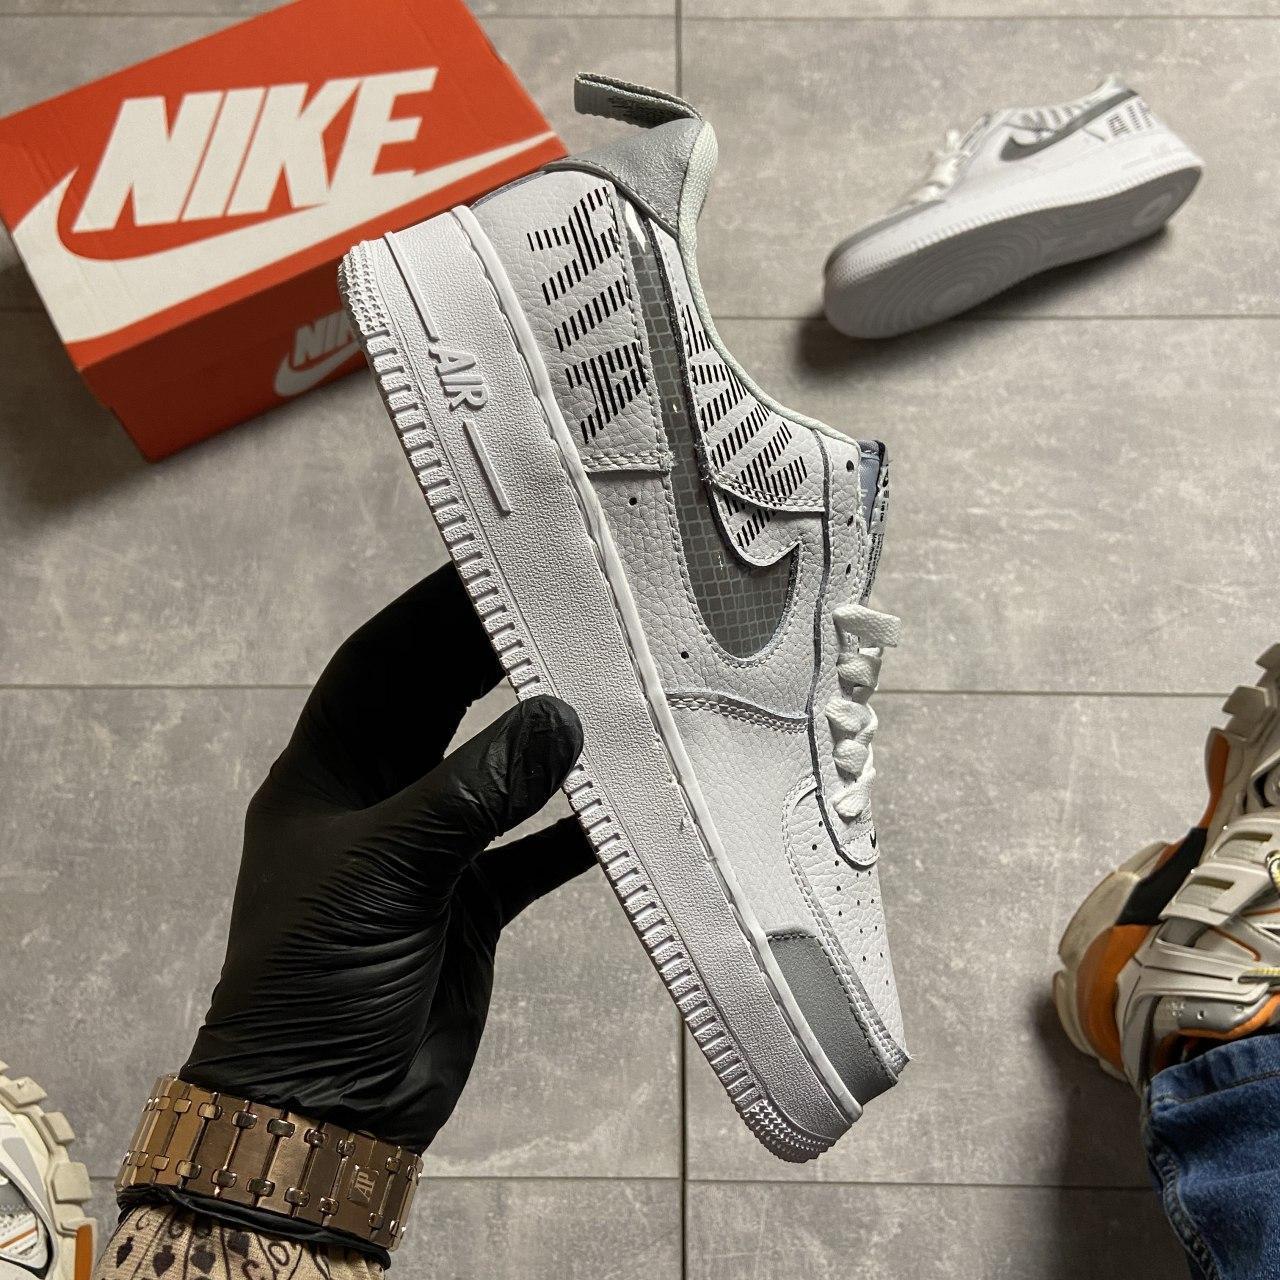 Кроссовки белые низкие Nike Air Force Найк Аир Форс Кожа Рефлектив 🔥 Найк мужские кроссовки 🔥